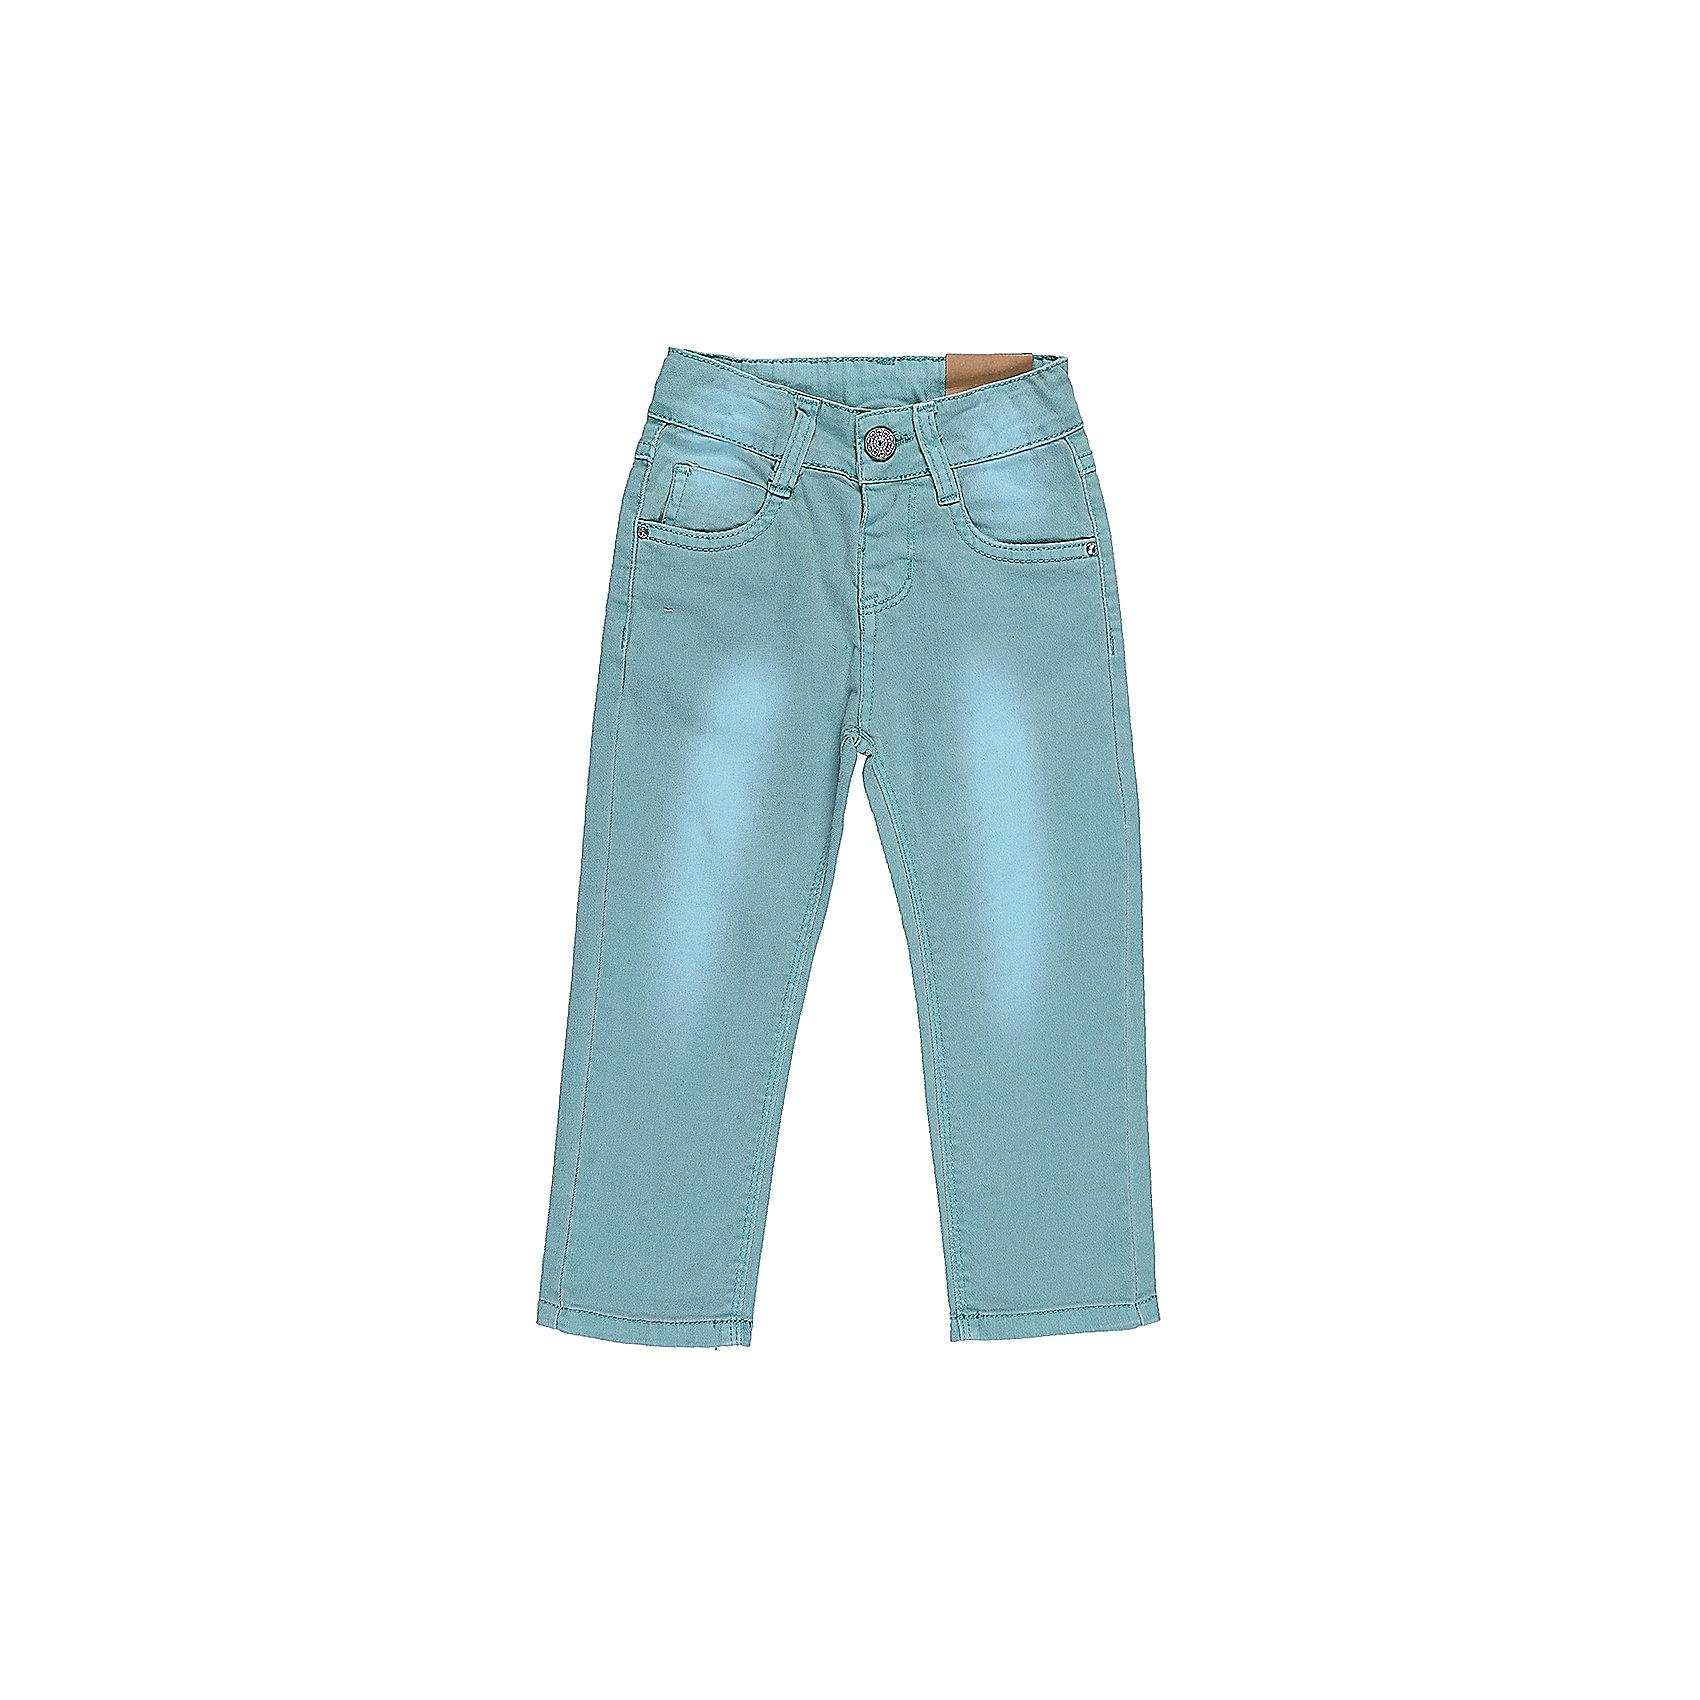 Джинсы для девочки Sweet BerryДжинсовый бум<br>Бирюзовые джинсы  для девочки с оригинальной варкой. Имеют зауженный крой, среднюю посадку. Застегиваются на молнию и крючок. Шлевки на поясе рассчитаны под ремень. В боковой части пояса находятся вшитые эластичные ленты, регулирующие посадку по талии.<br>Состав:<br>98%хлопок 2%эластан<br><br>Ширина мм: 215<br>Глубина мм: 88<br>Высота мм: 191<br>Вес г: 336<br>Цвет: голубой<br>Возраст от месяцев: 12<br>Возраст до месяцев: 15<br>Пол: Женский<br>Возраст: Детский<br>Размер: 80,86,92,98<br>SKU: 5411208